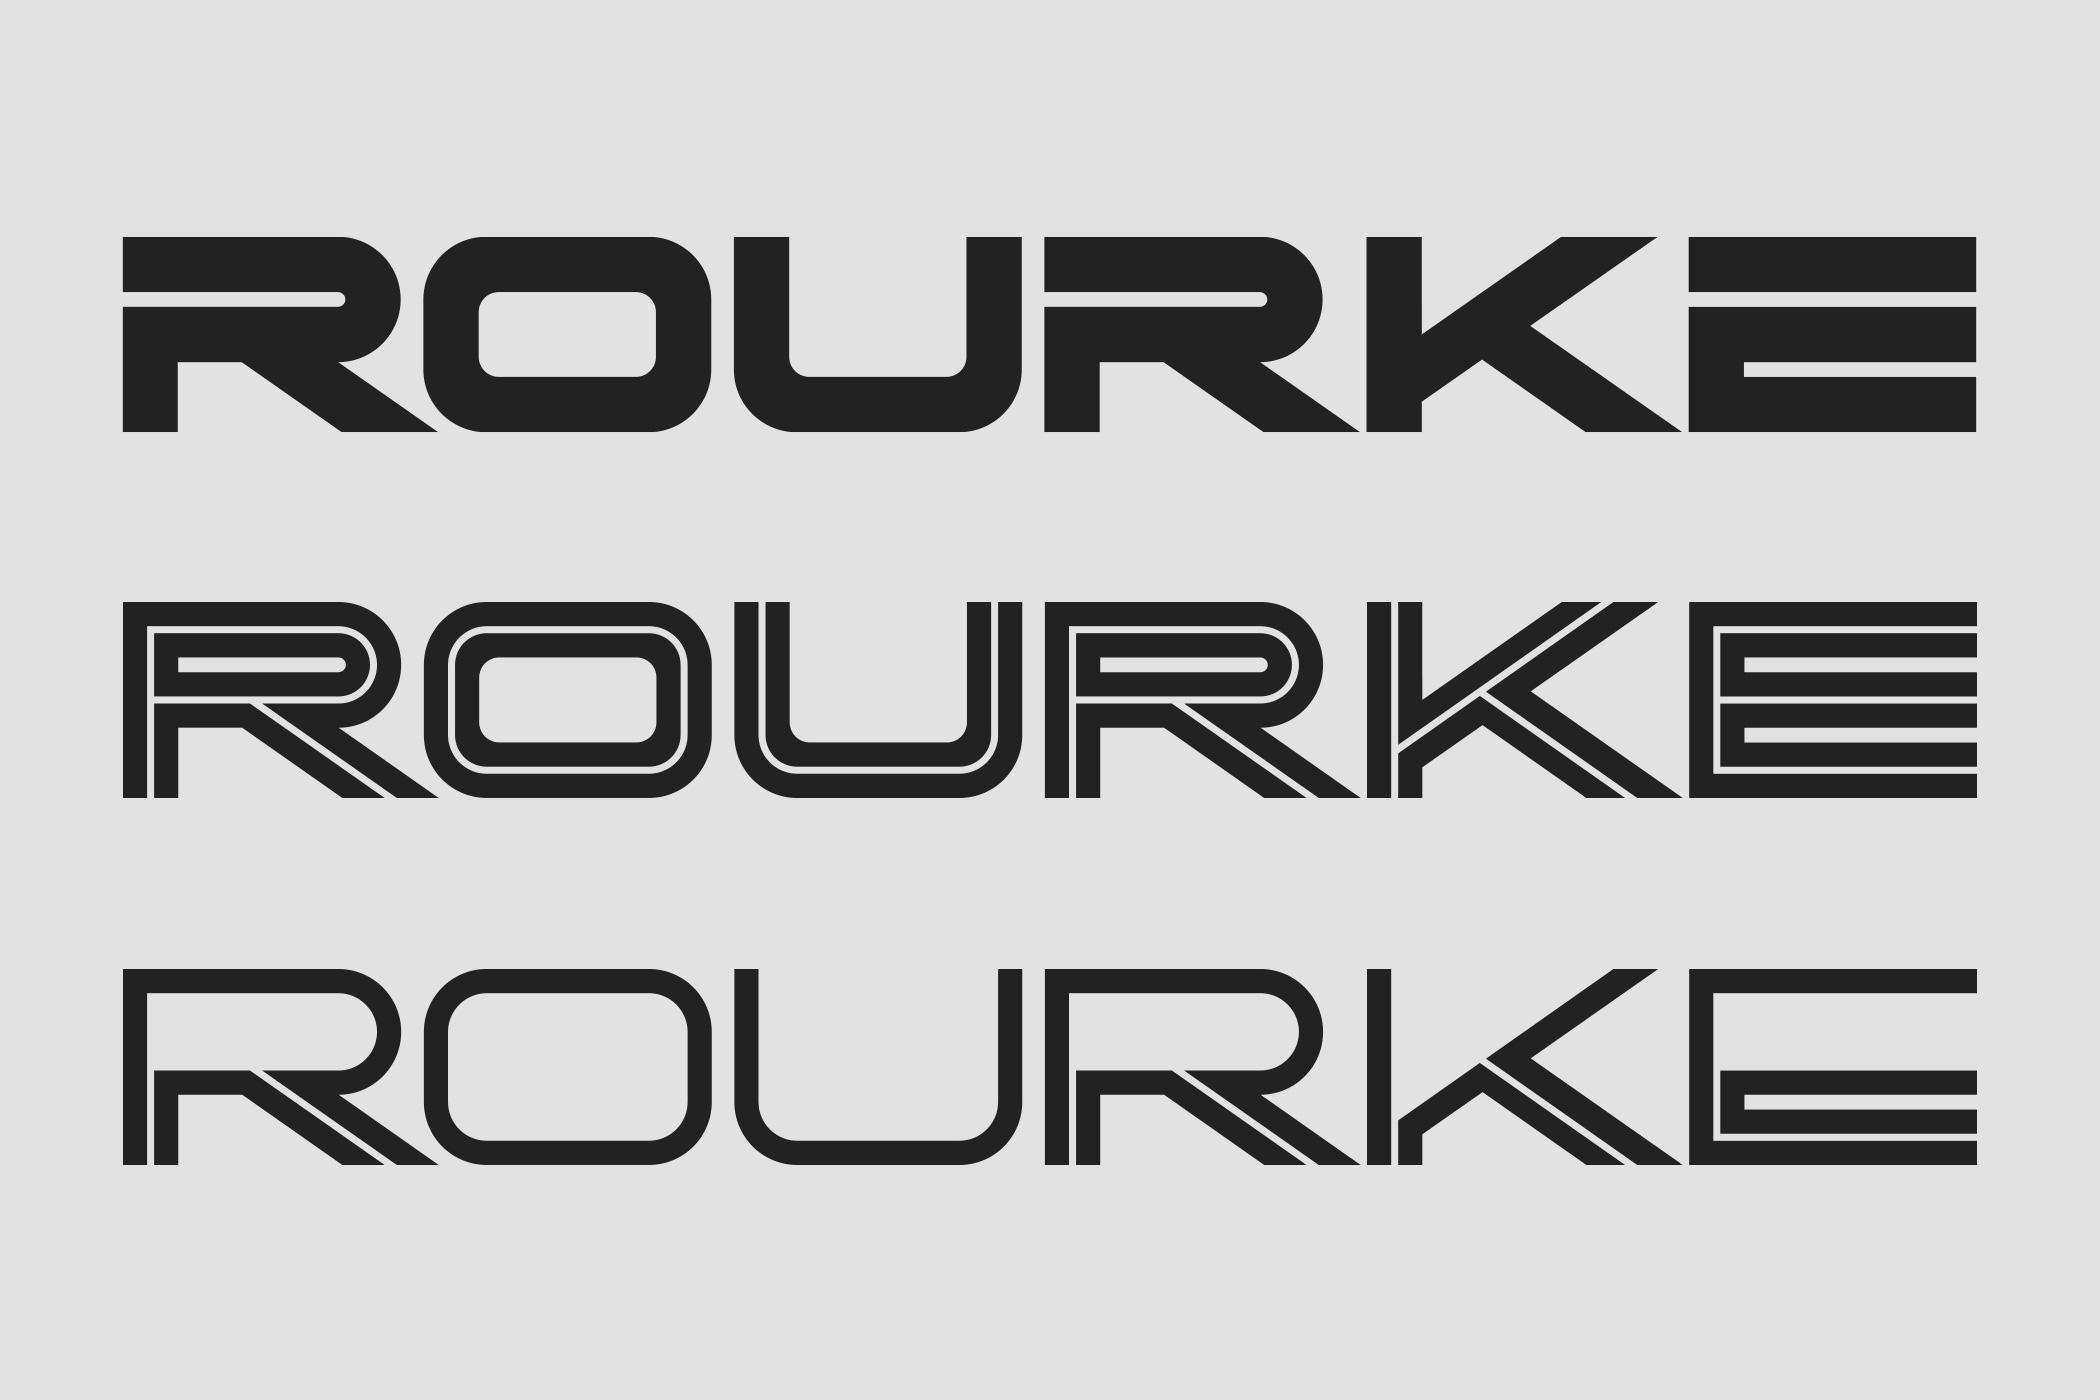 rourke-02.jpg